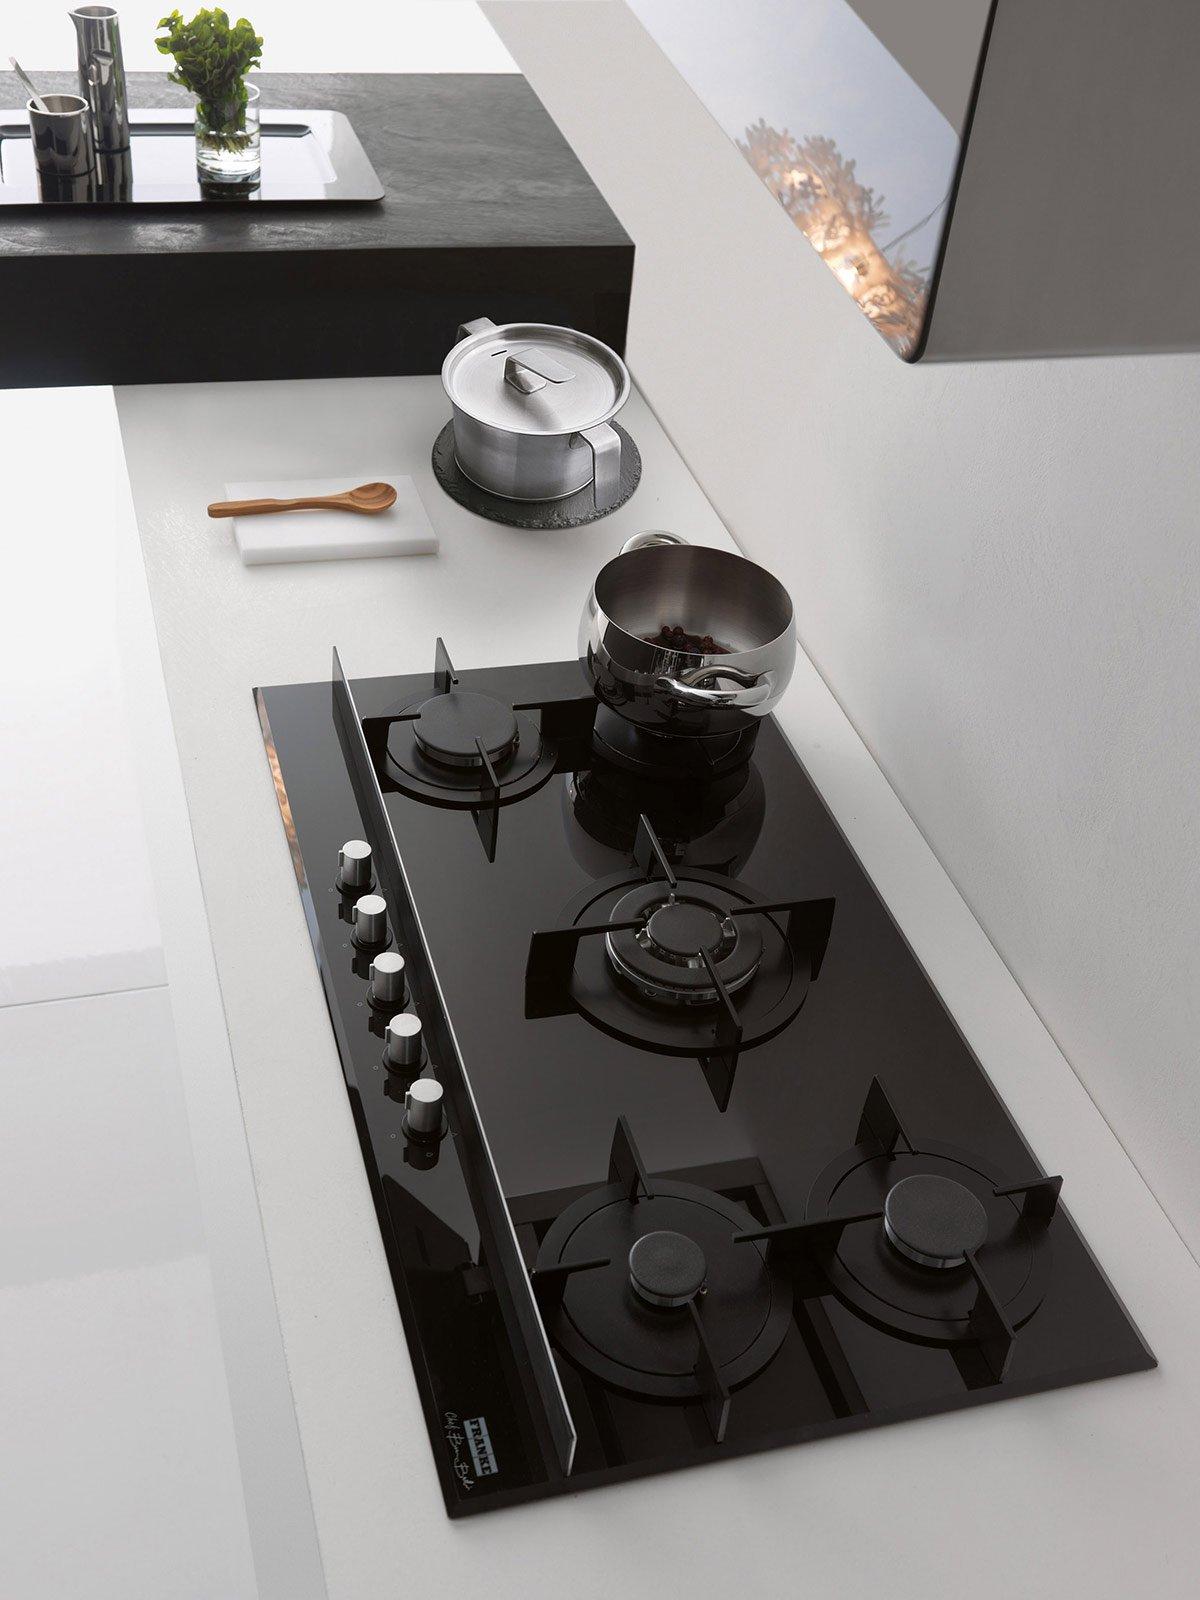 Piani cottura a gas cose di casa - Piani cottura design ...